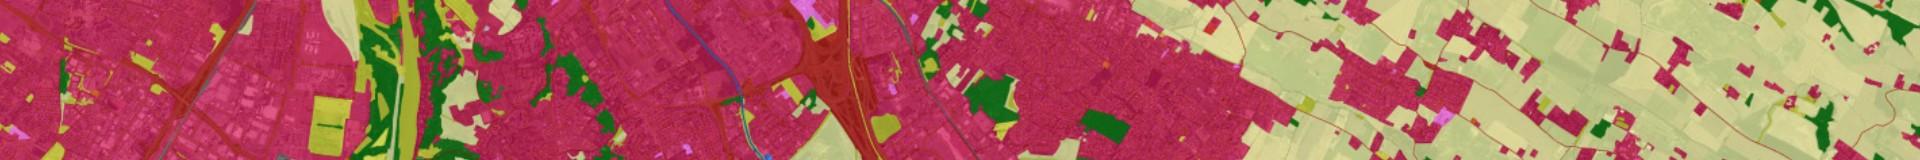 Inventaires spatialisés image